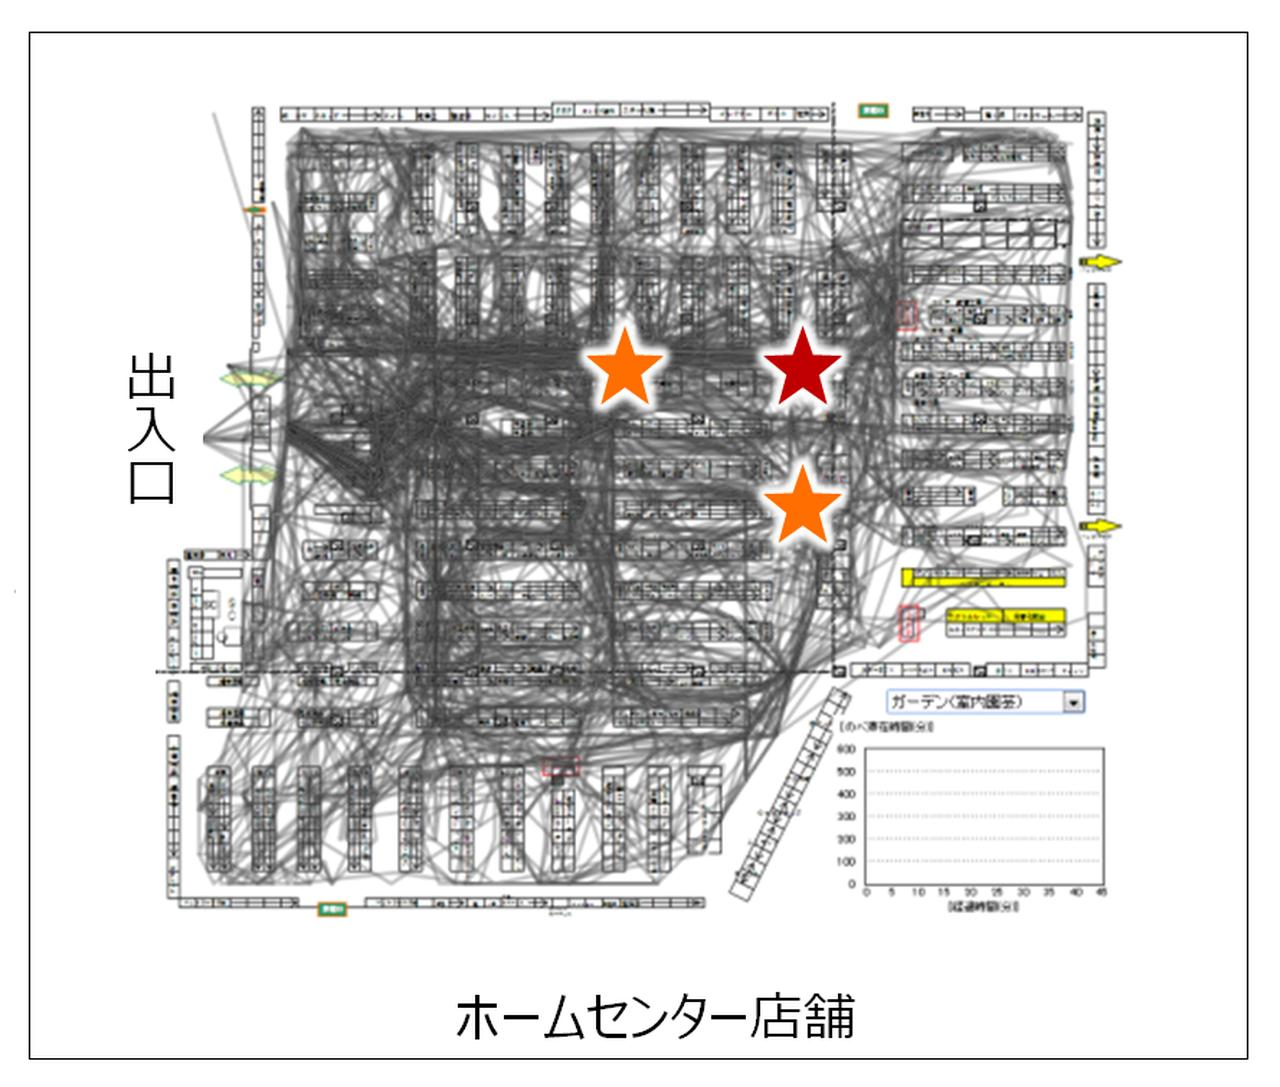 画像: Hが発見した店舗内奥エリアの来店者動線変化に寄与する店員の位置。赤色の星が高感度スポット、オレンジ色の星は中感度スポット。